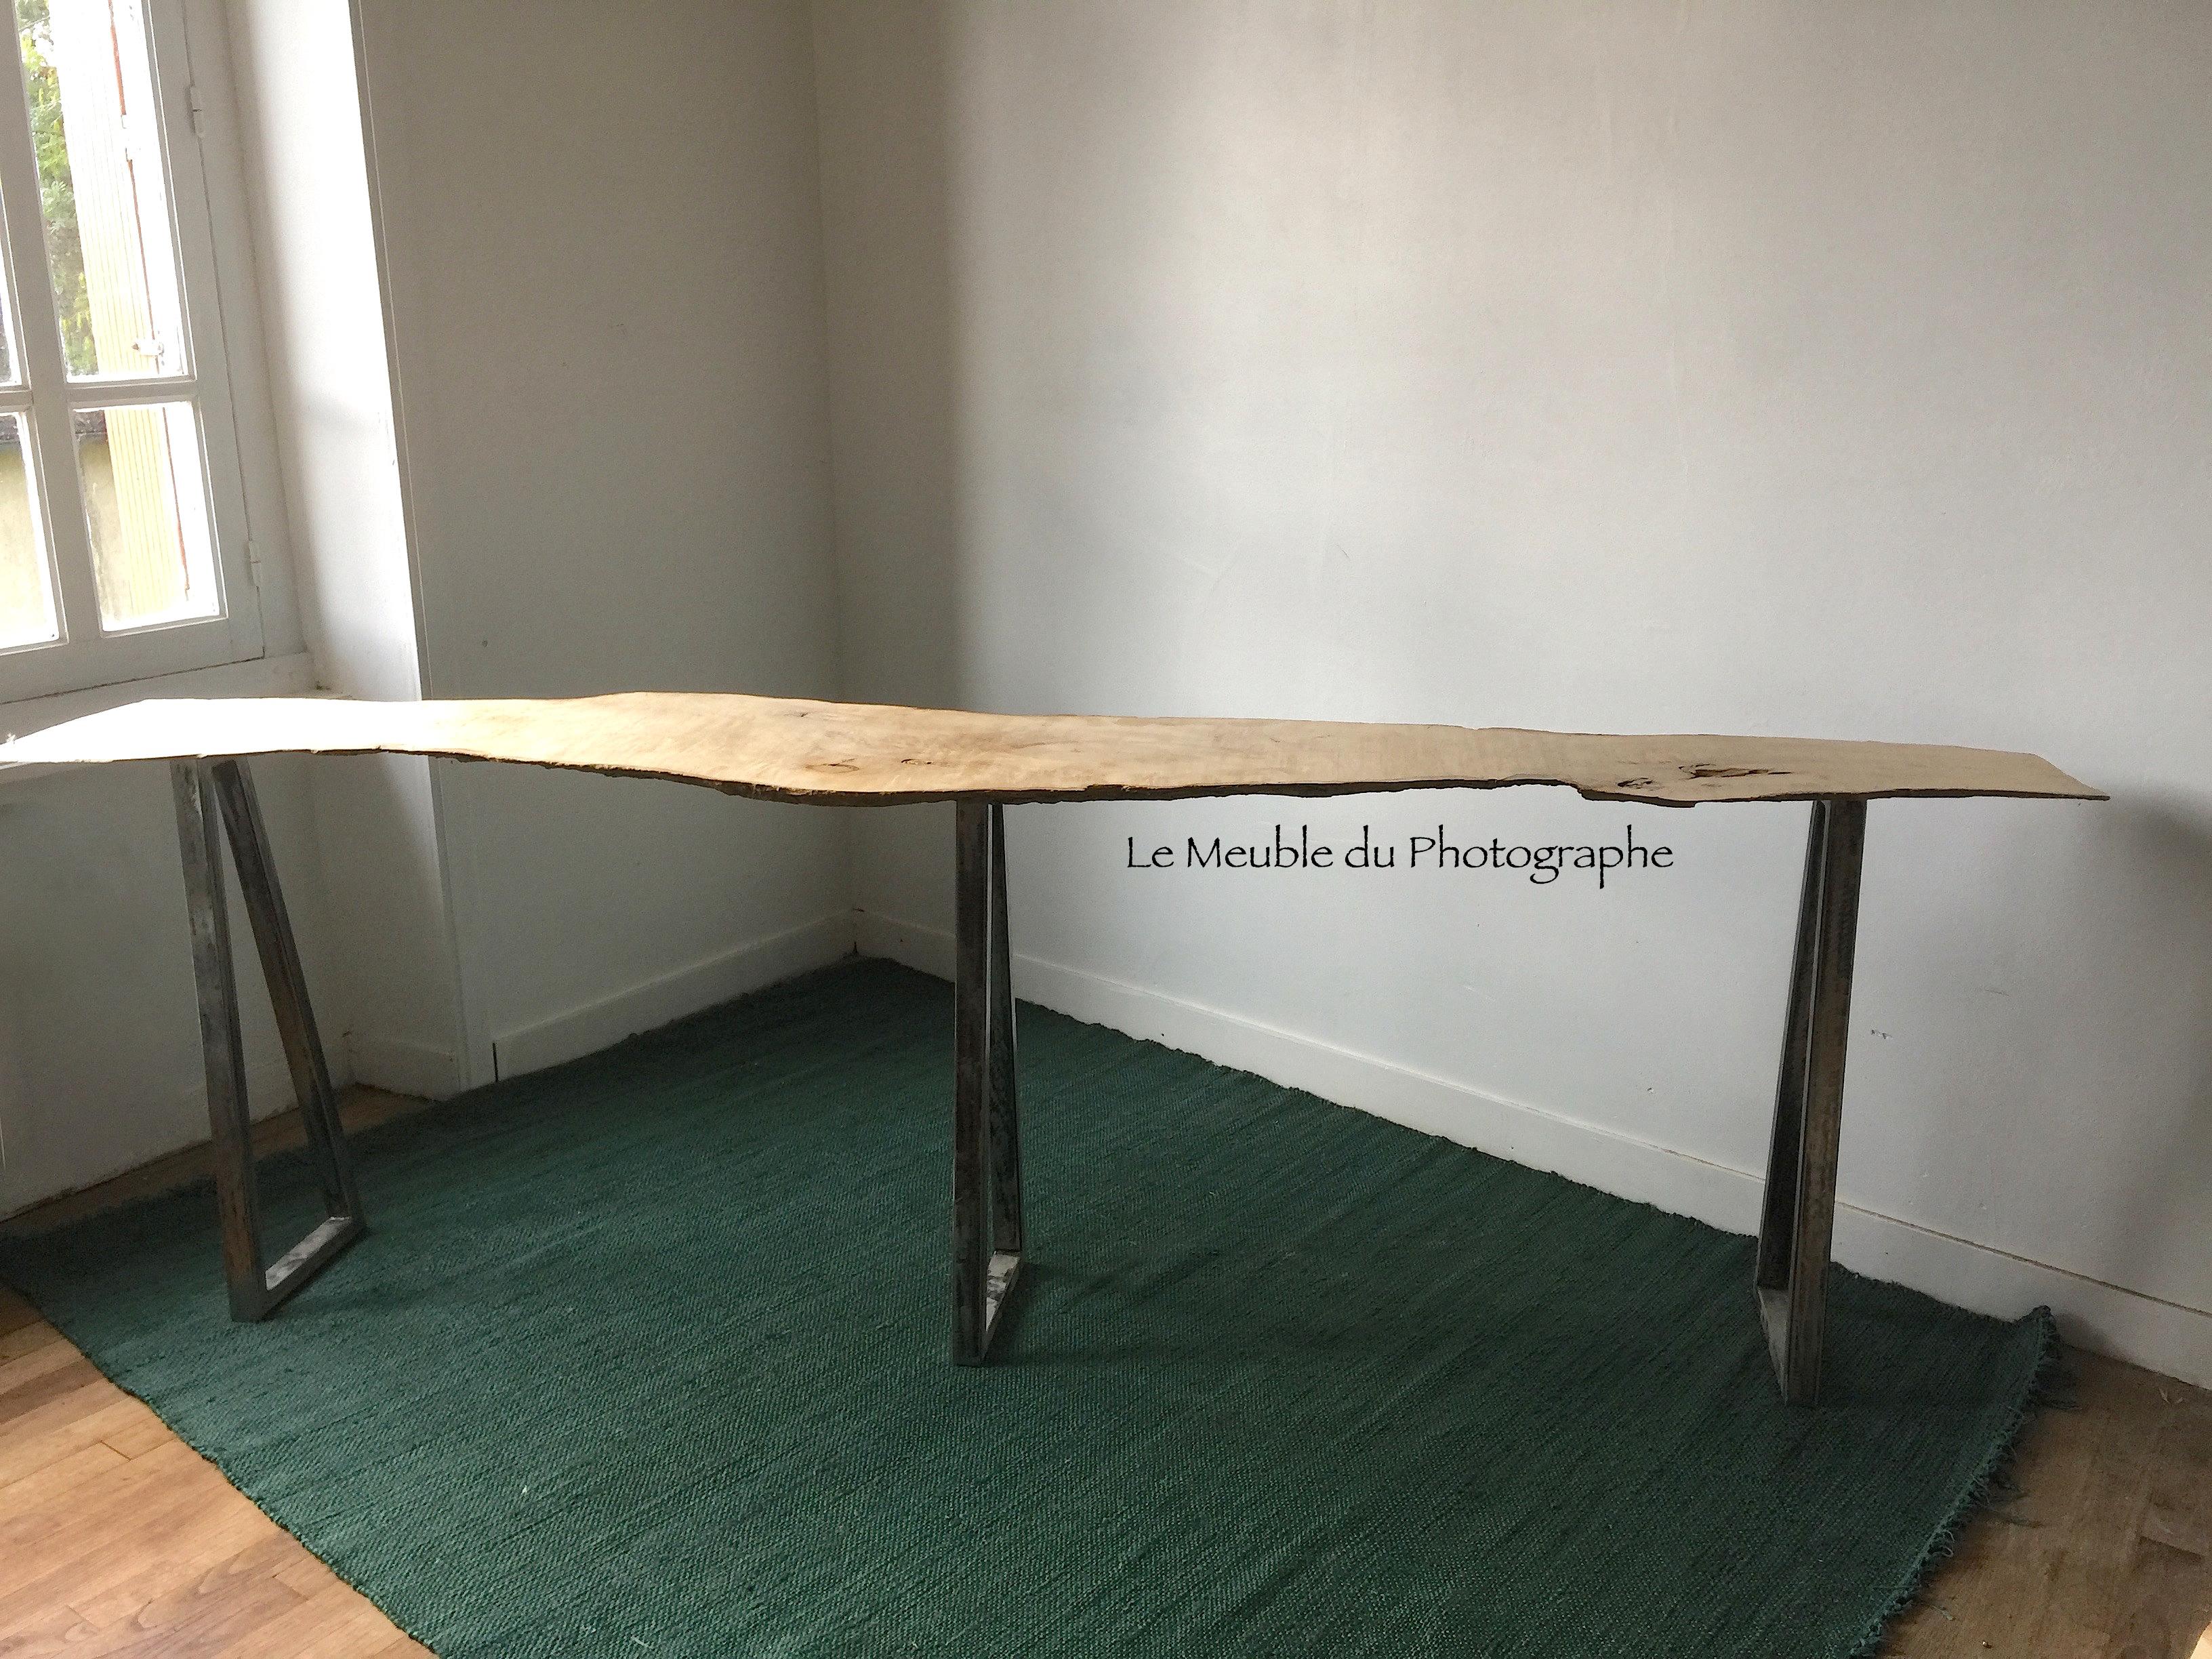 console 2m40 planche d 39 arbre sur pieds m tal le meuble du photographe. Black Bedroom Furniture Sets. Home Design Ideas